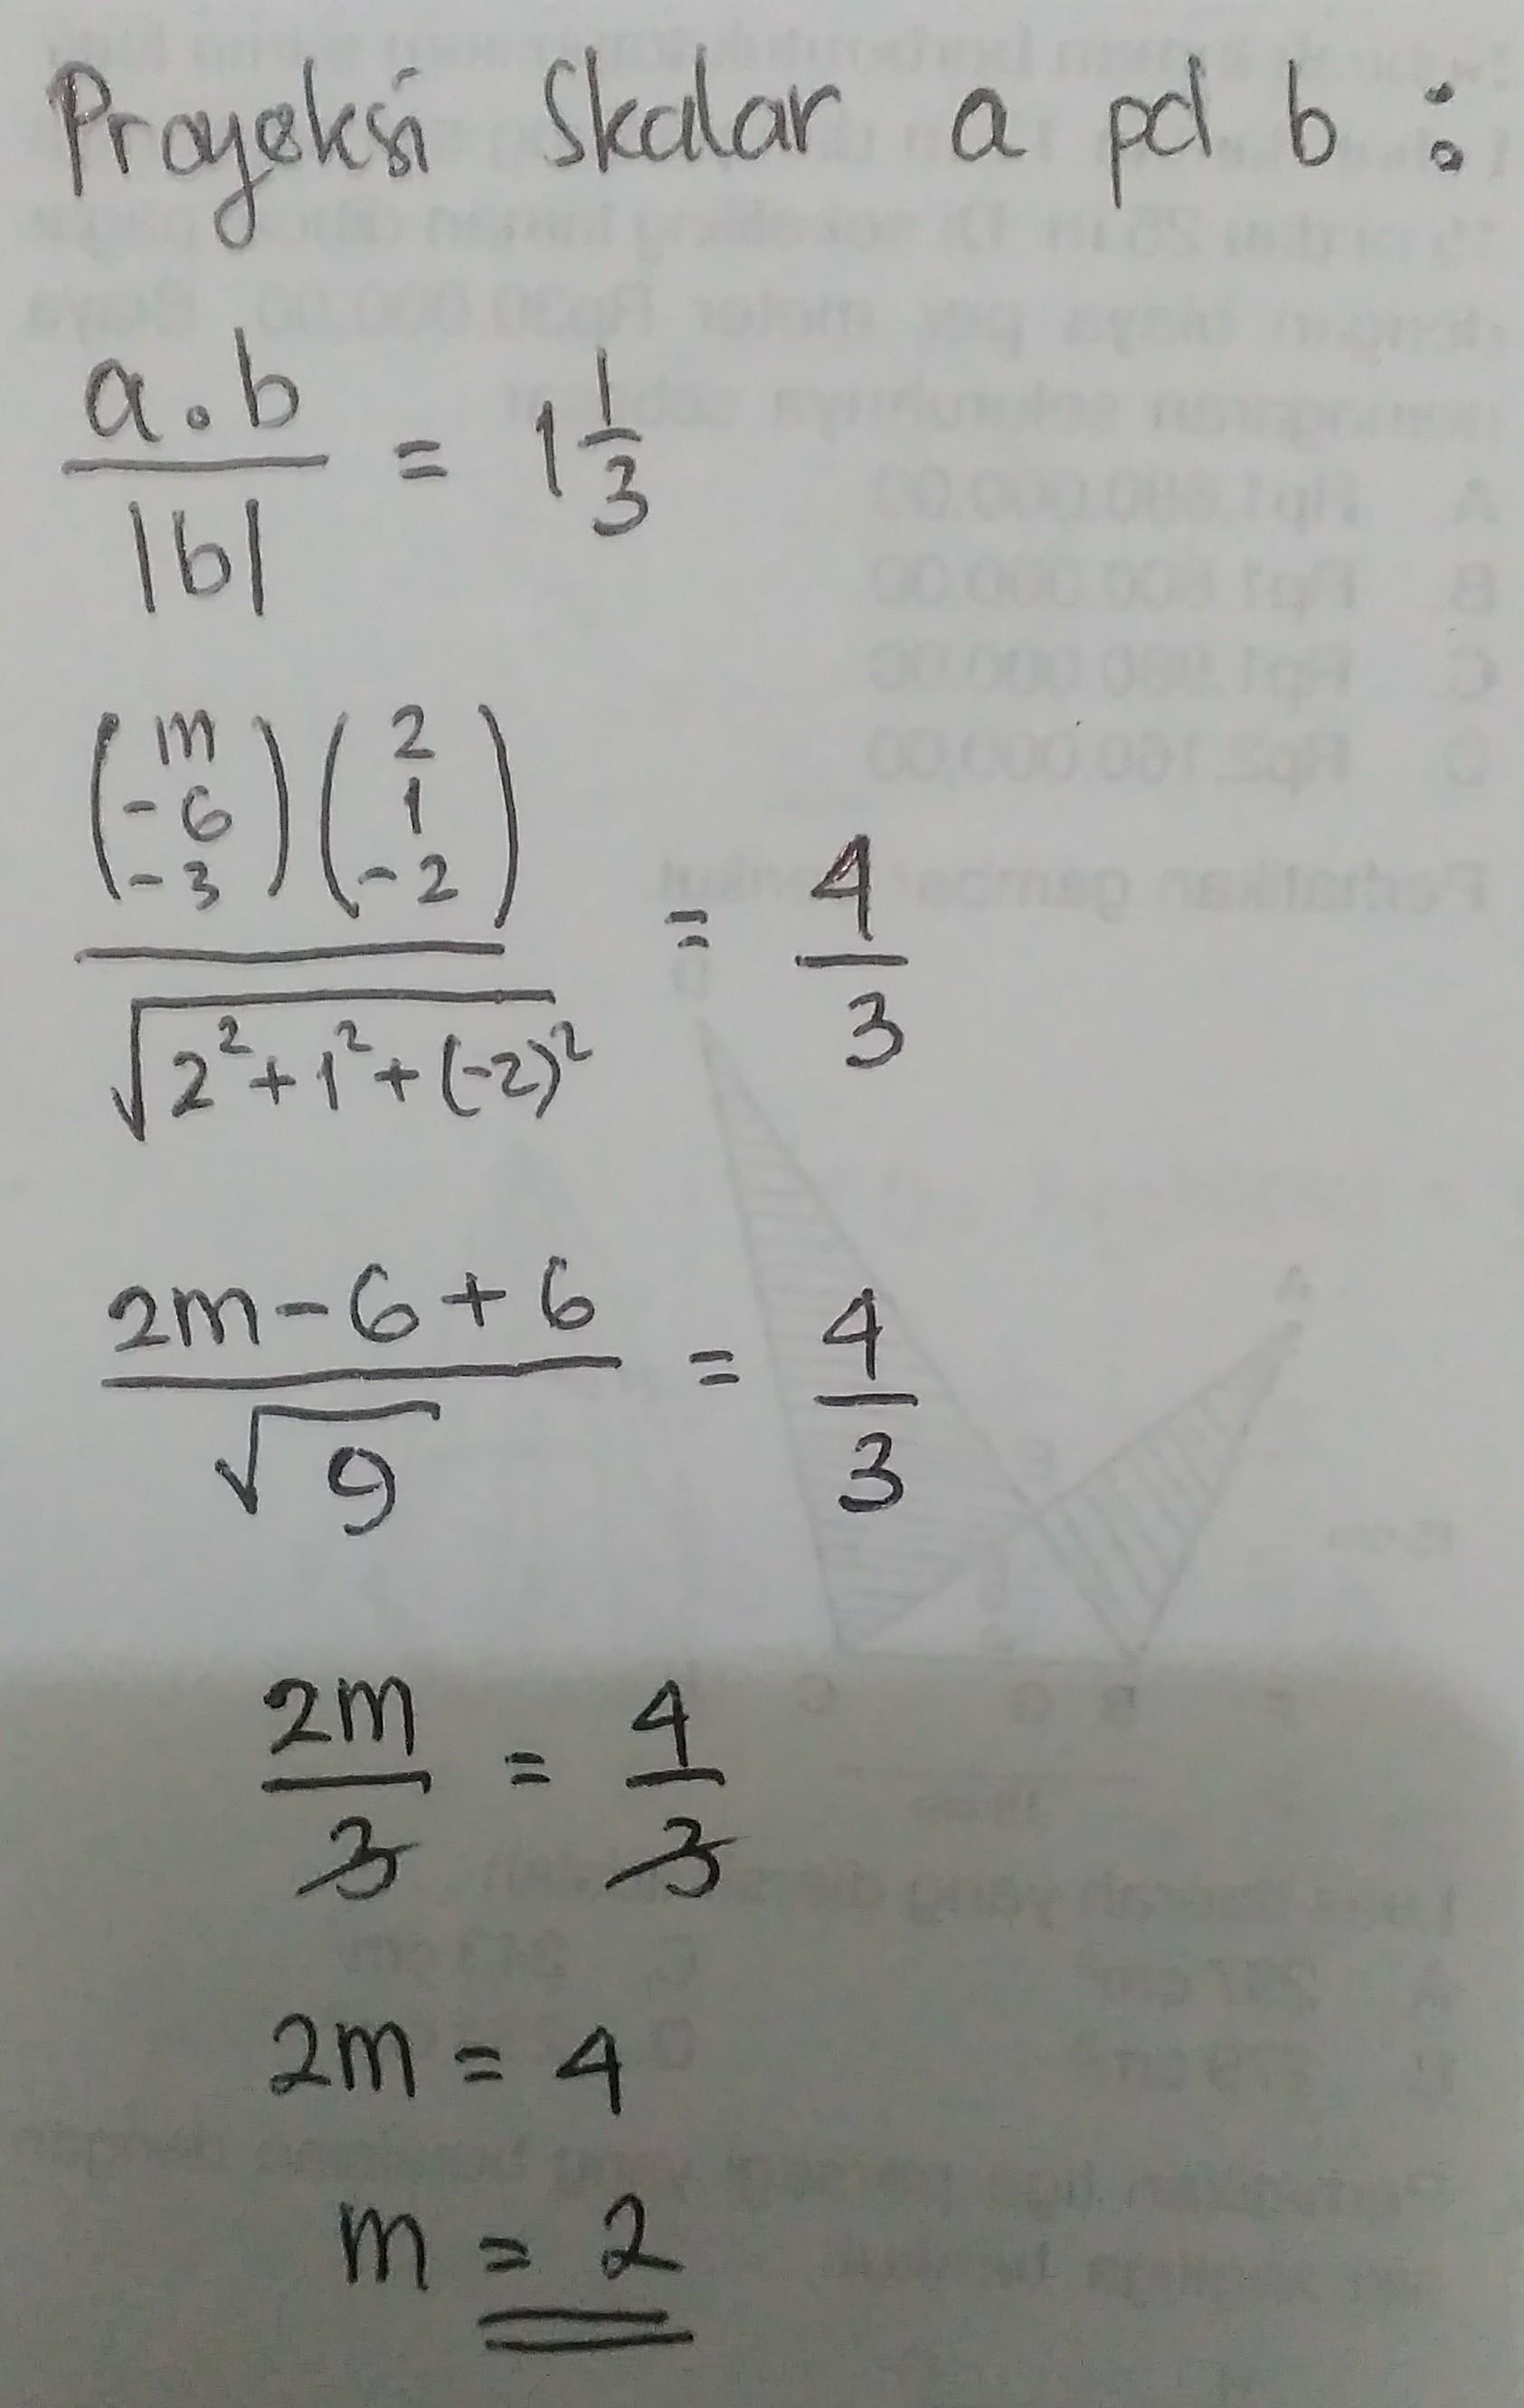 Proyeksi Skalar Ortogonal A M 6 3 Pada B 2 1 2 Adala1 1 3